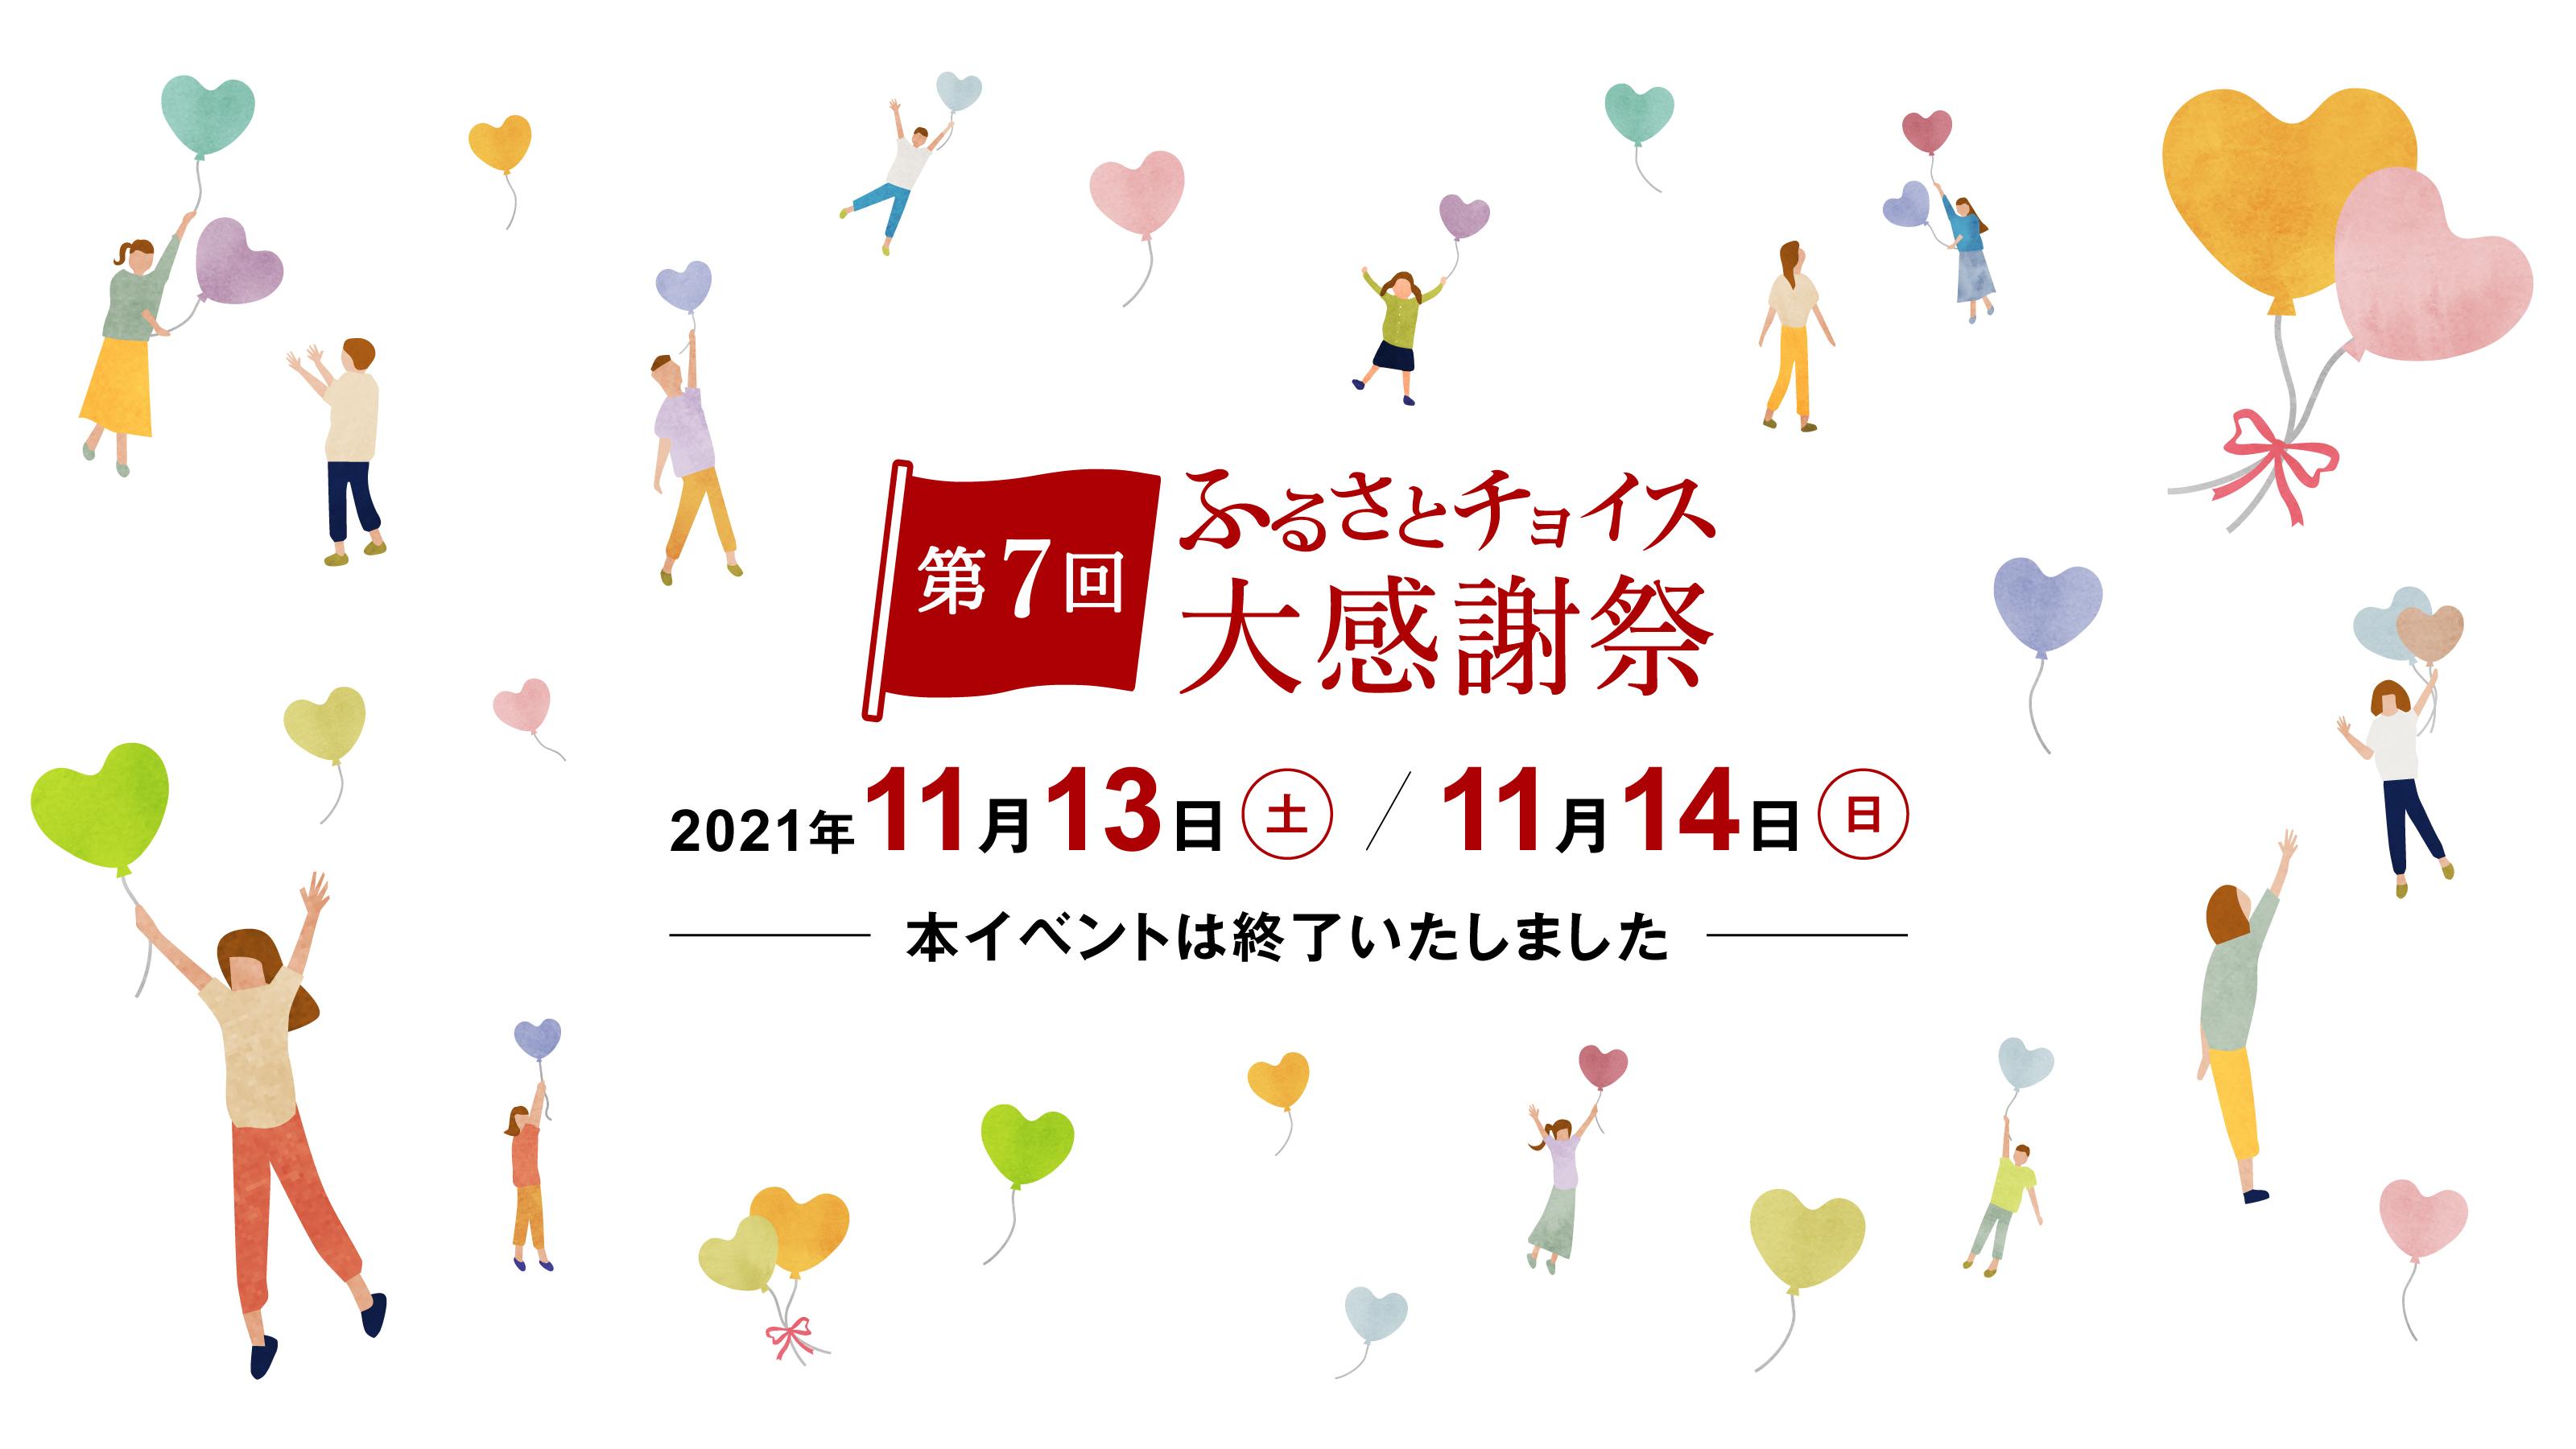 第7回ふるさとチョイス大感謝祭 2021年11月13日(土)、11月14日(日)オンライン開催決定!参加申し込み受付中